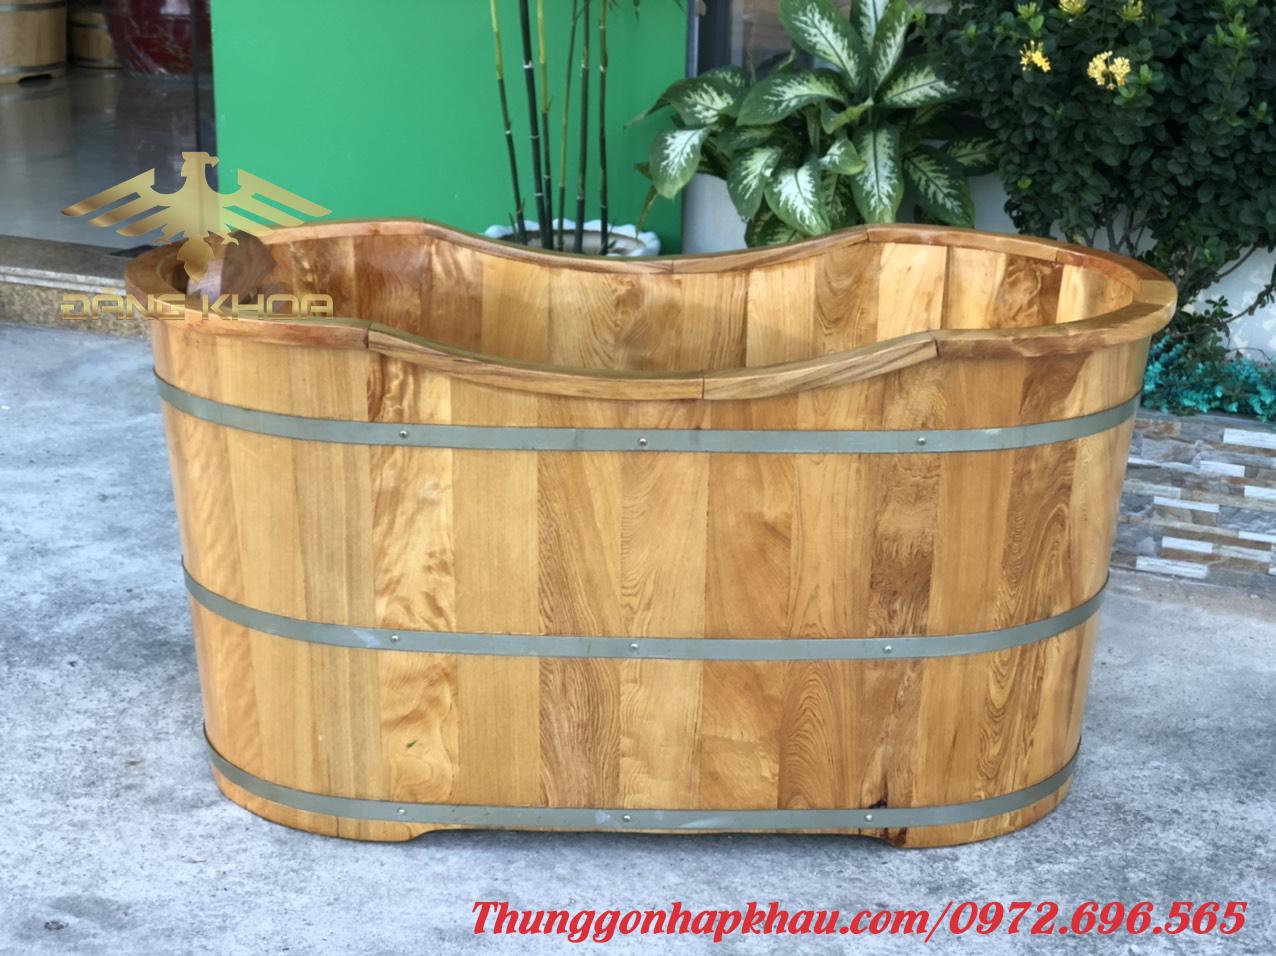 Bán bồn tắm gỗ mặt thẳng